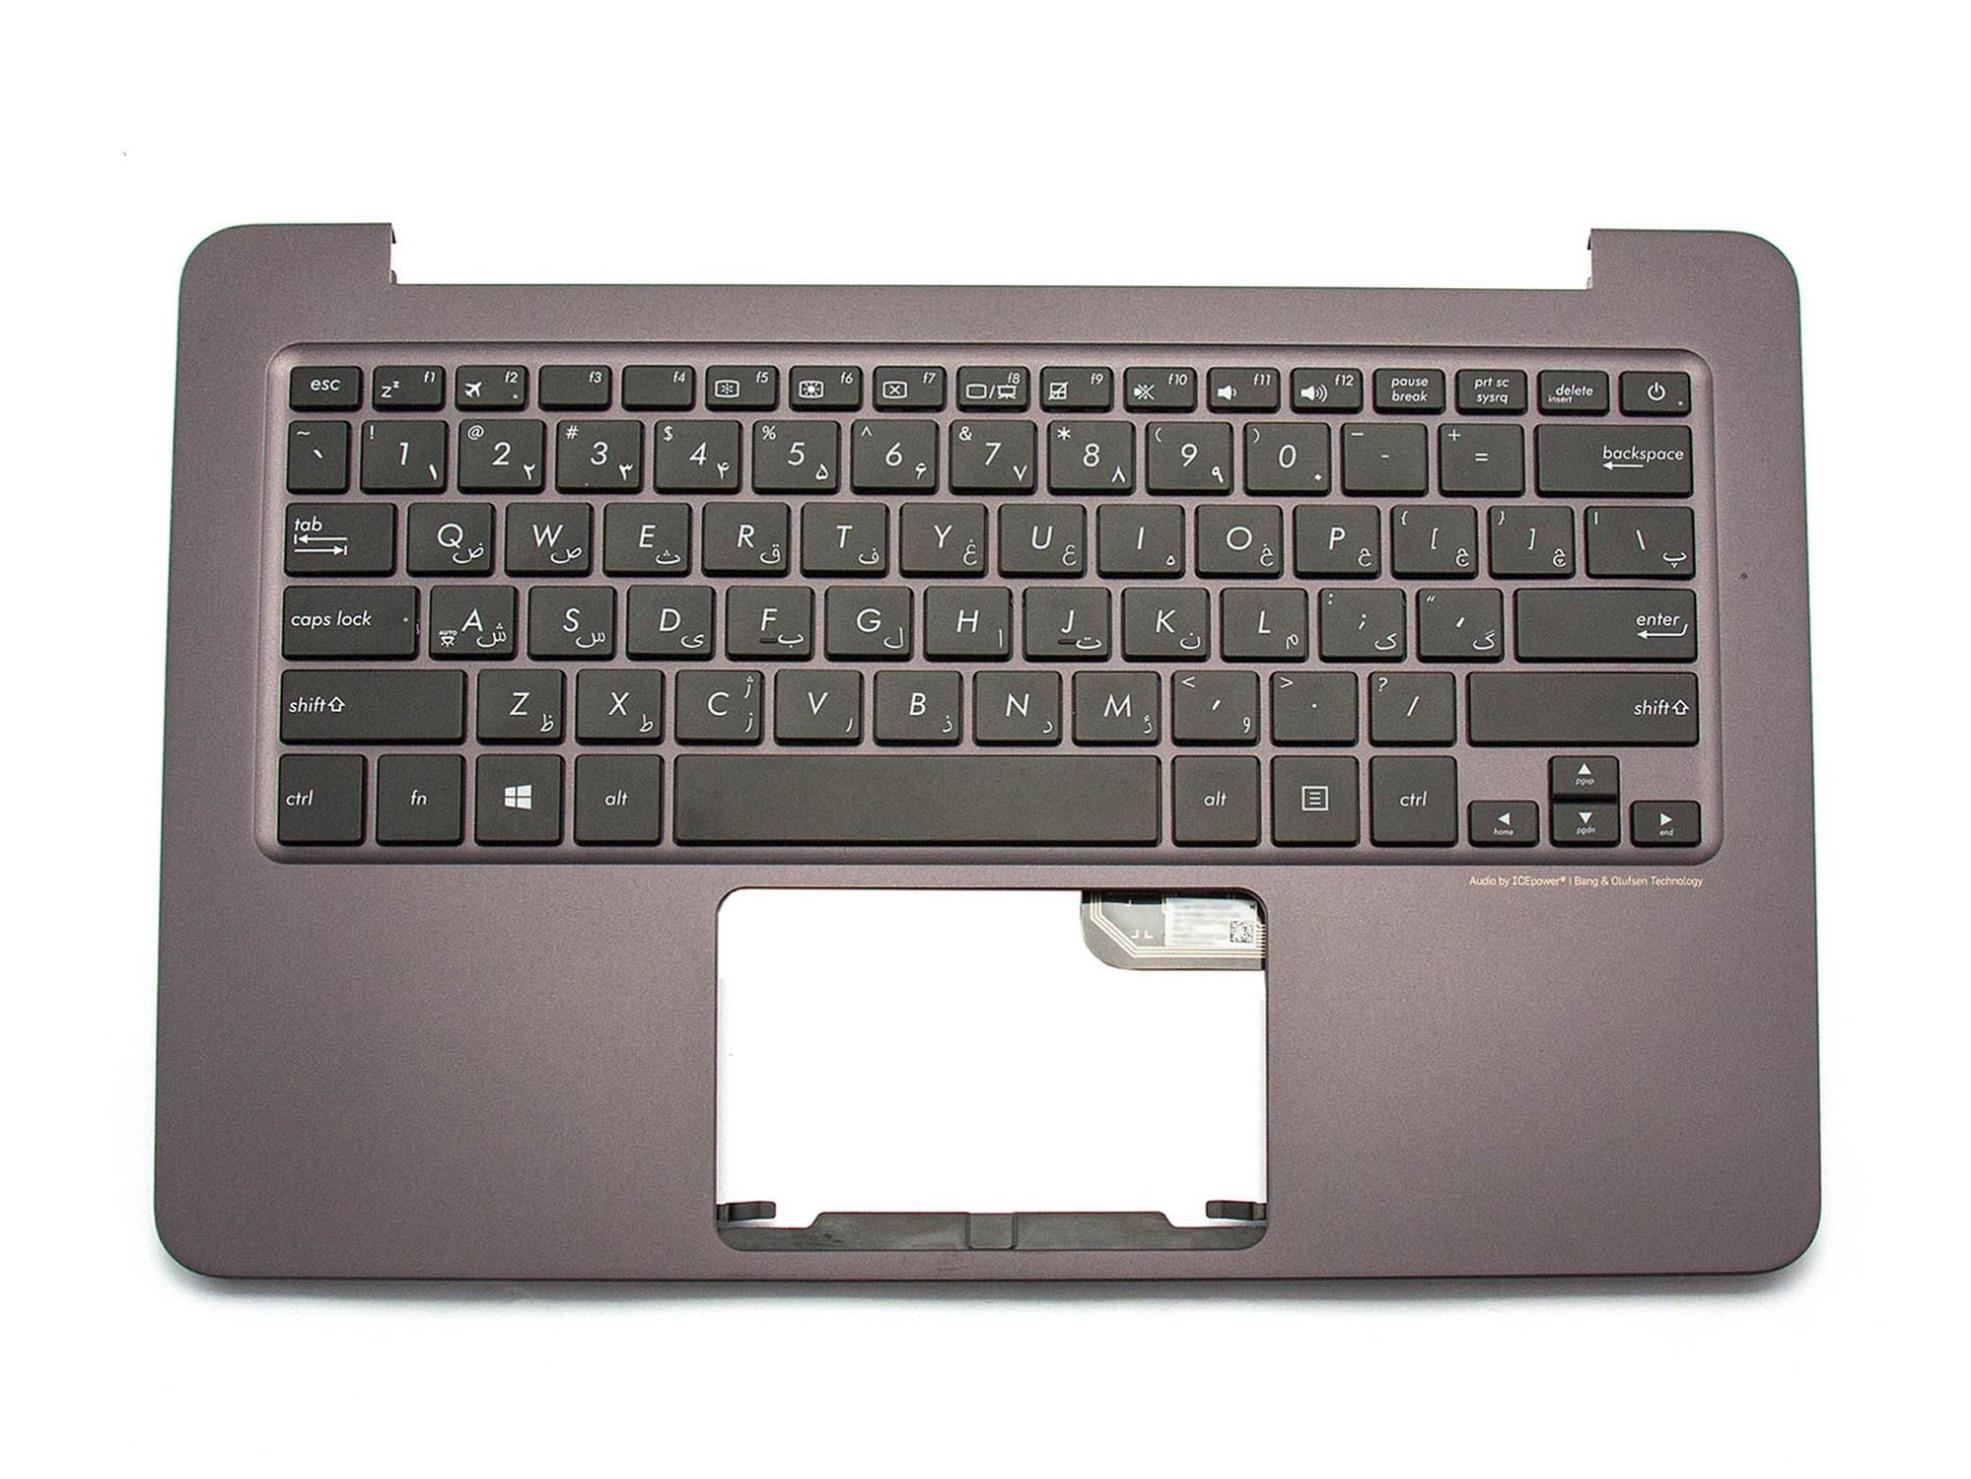 TFS305 Tastatur inkl. Topcase FS (persisch) schwarz/anthrazit Original